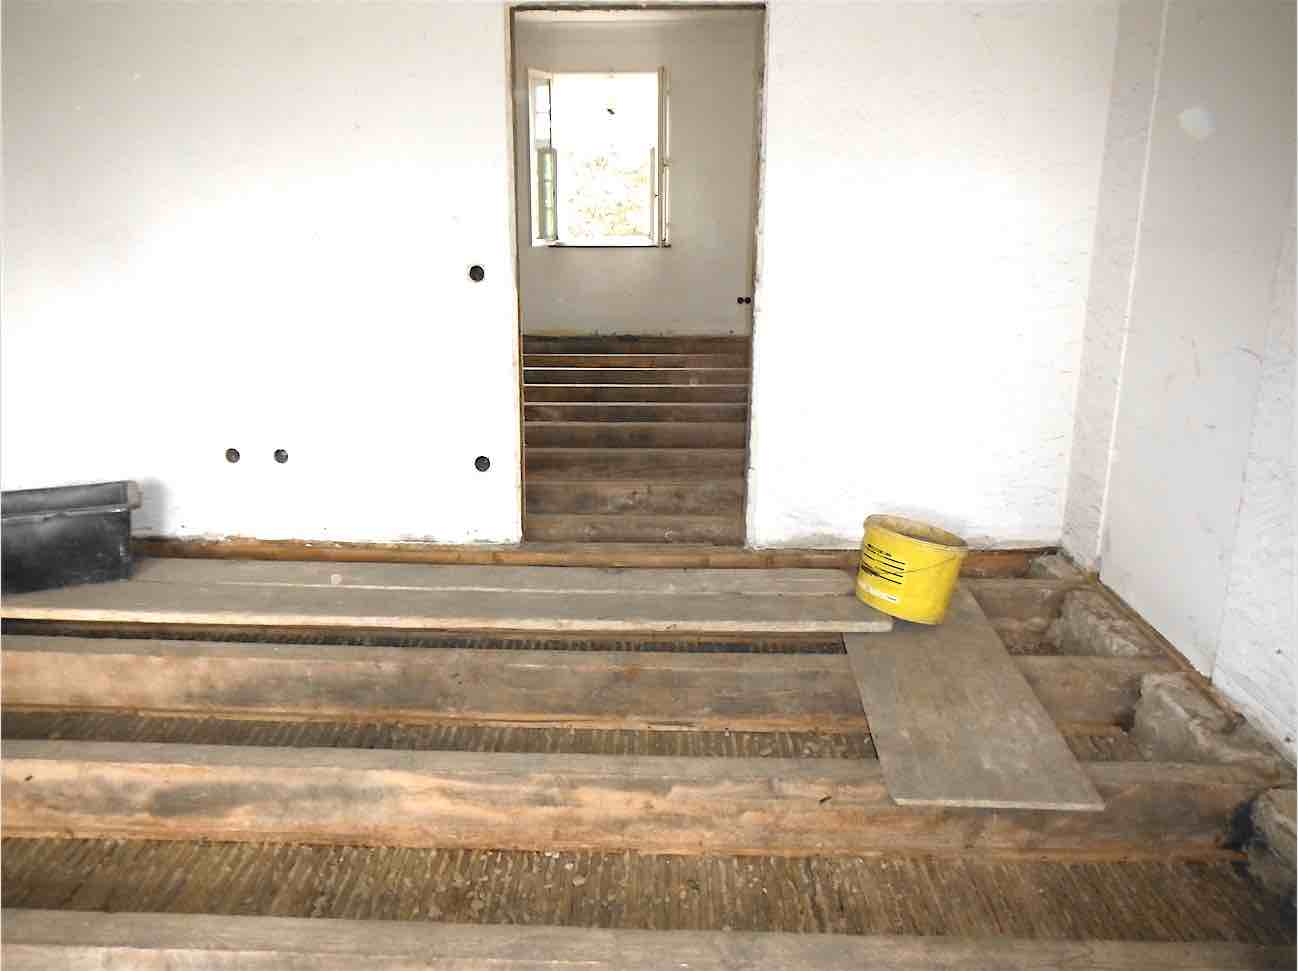 Abbruch + Rückbau: Ausräumen der Bestands-Holzbalkendecke wegen Überlastung